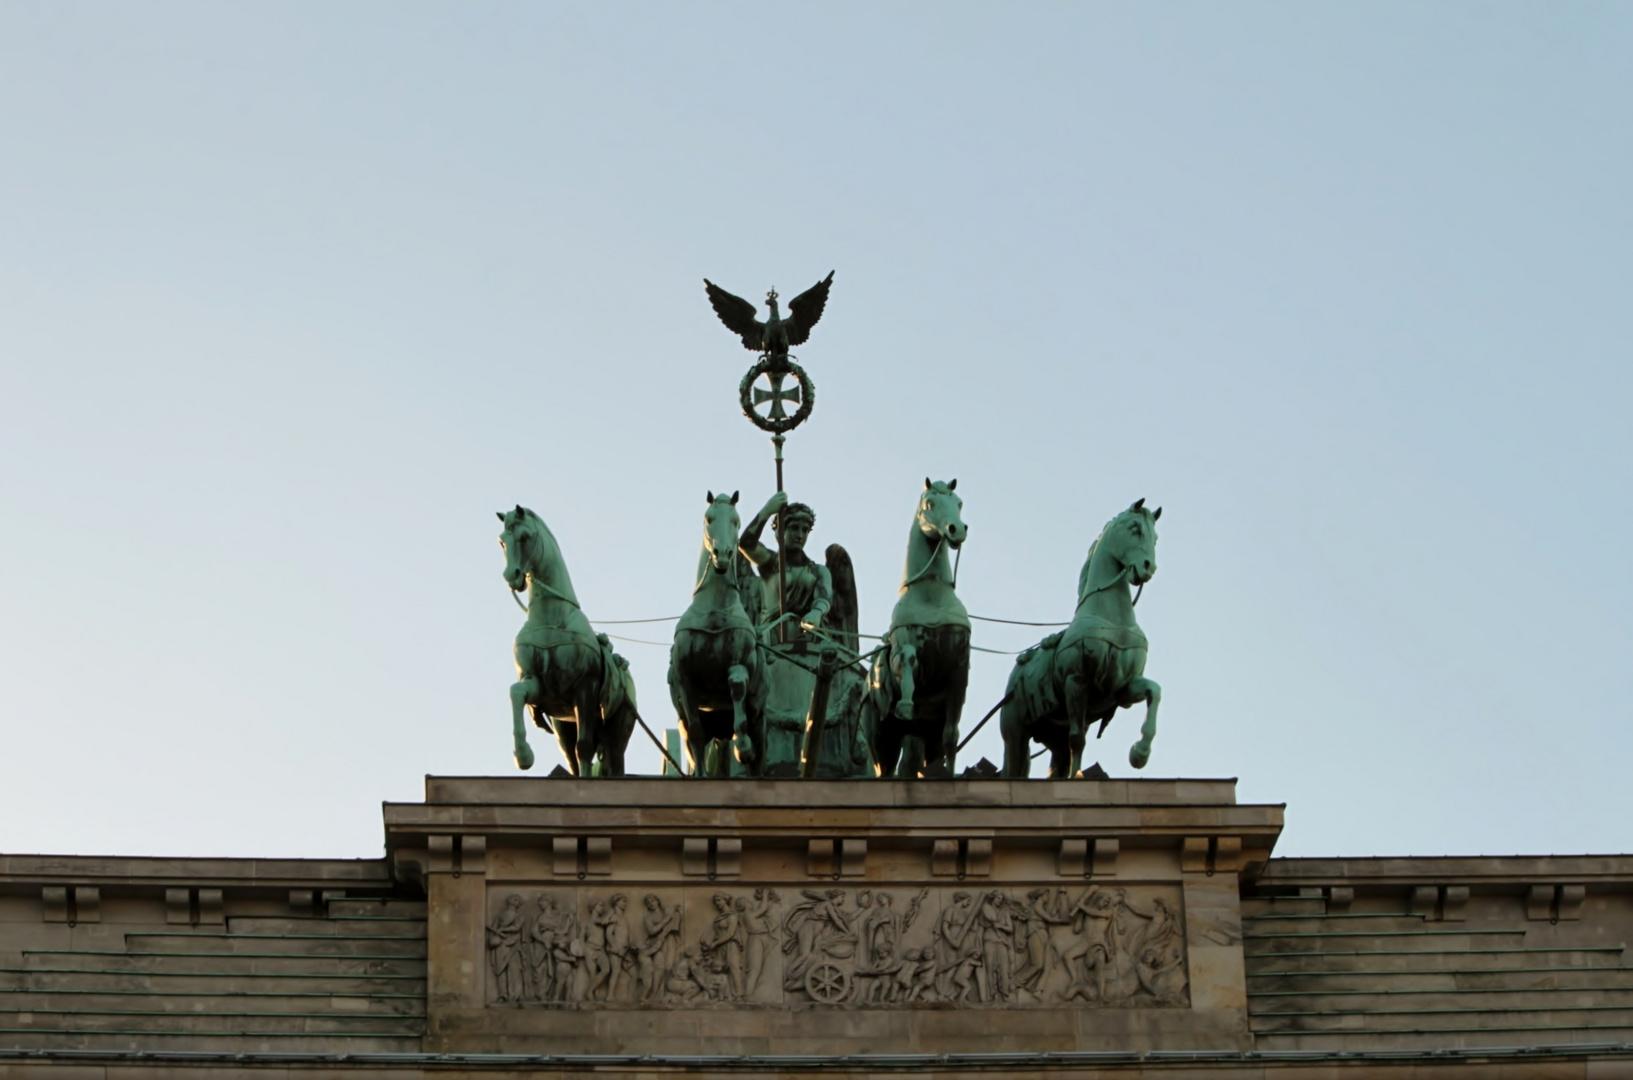 Gloriette auf dem Brandenburger Tor in Berlin